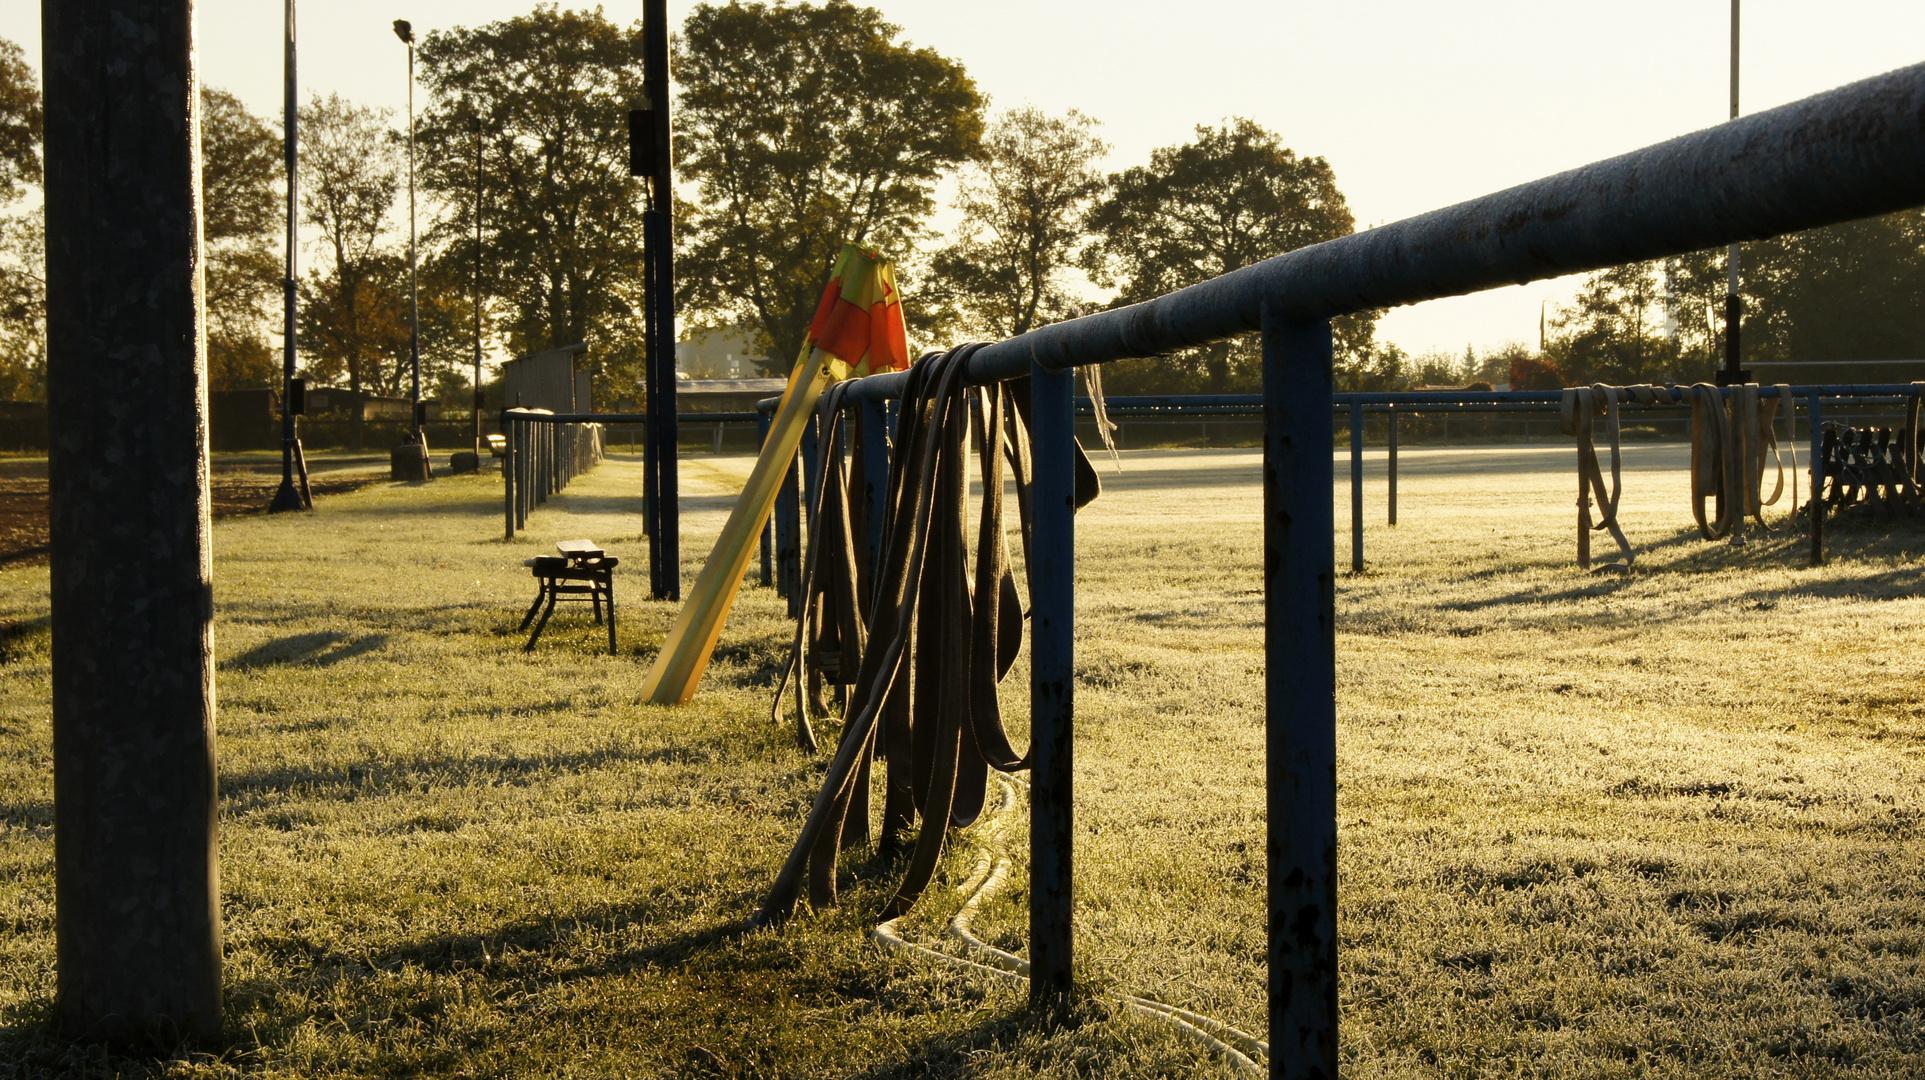 Morgenstund und Reif auf dem Rasen.